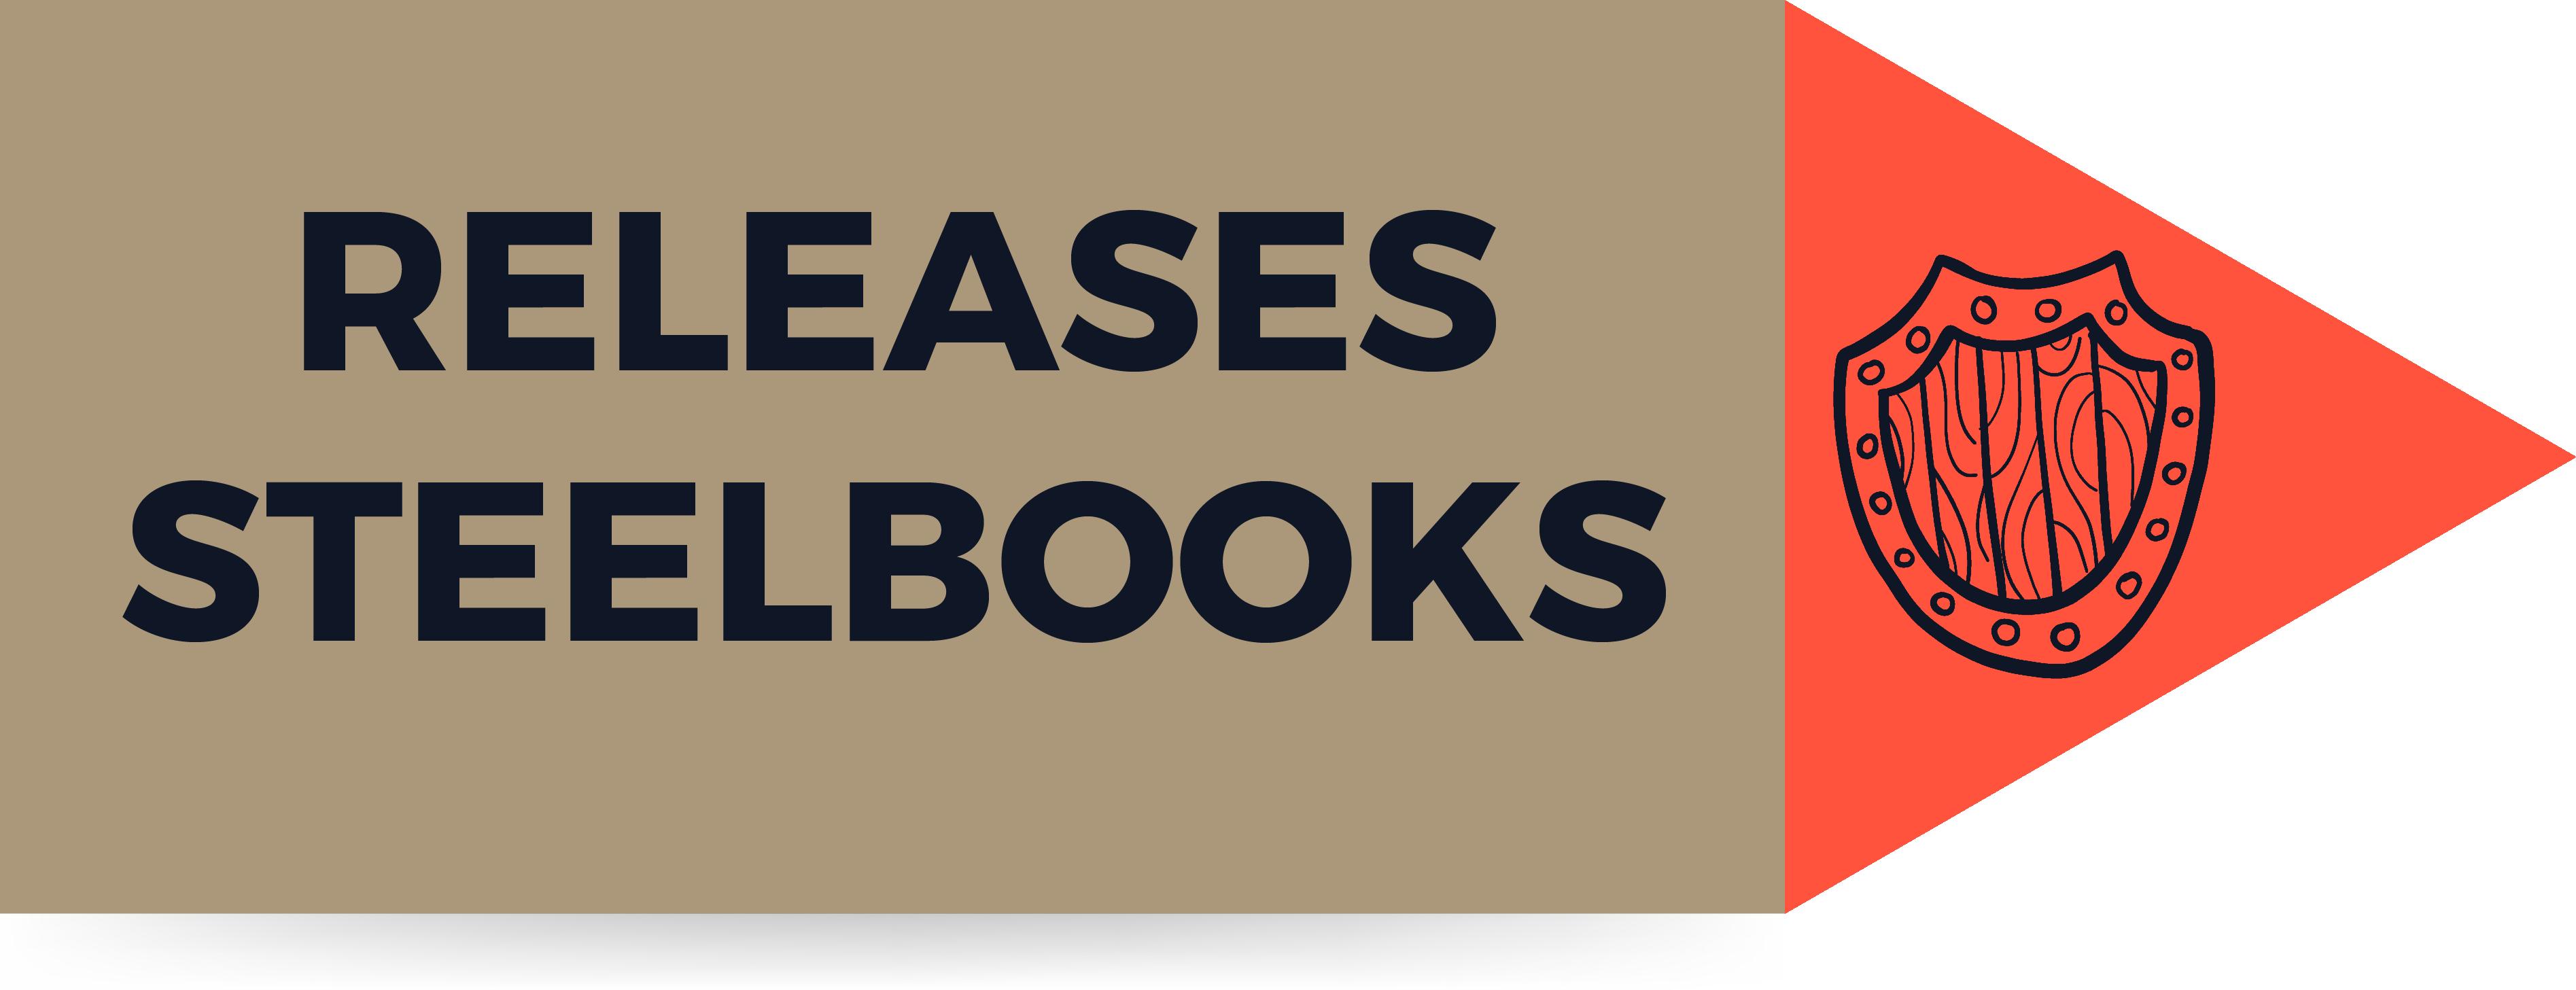 Steelbook Releases